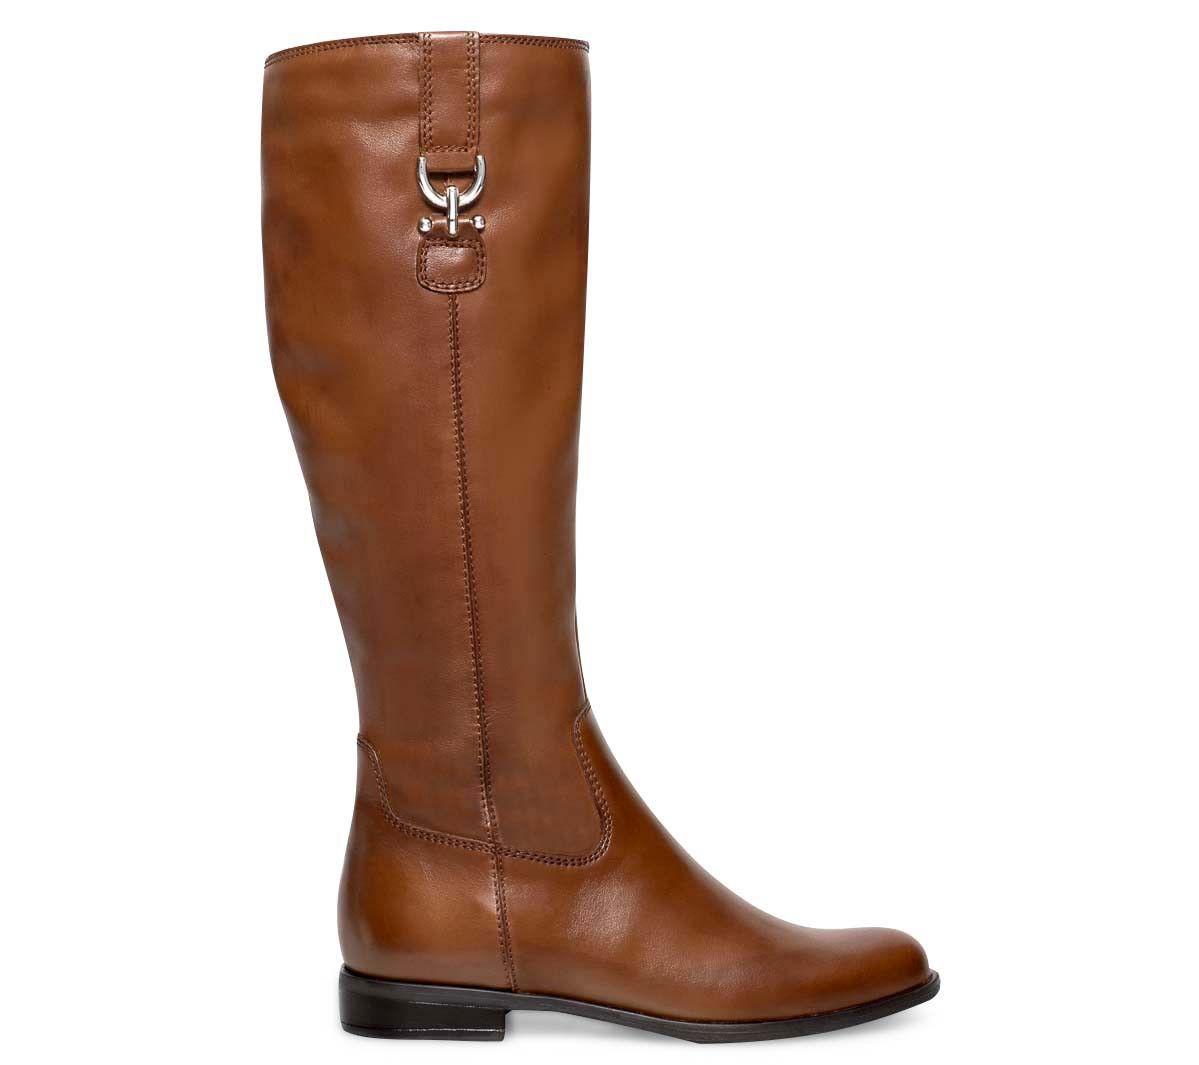 botte cavalière cuir camel - bottes - femme | la mode la mode la